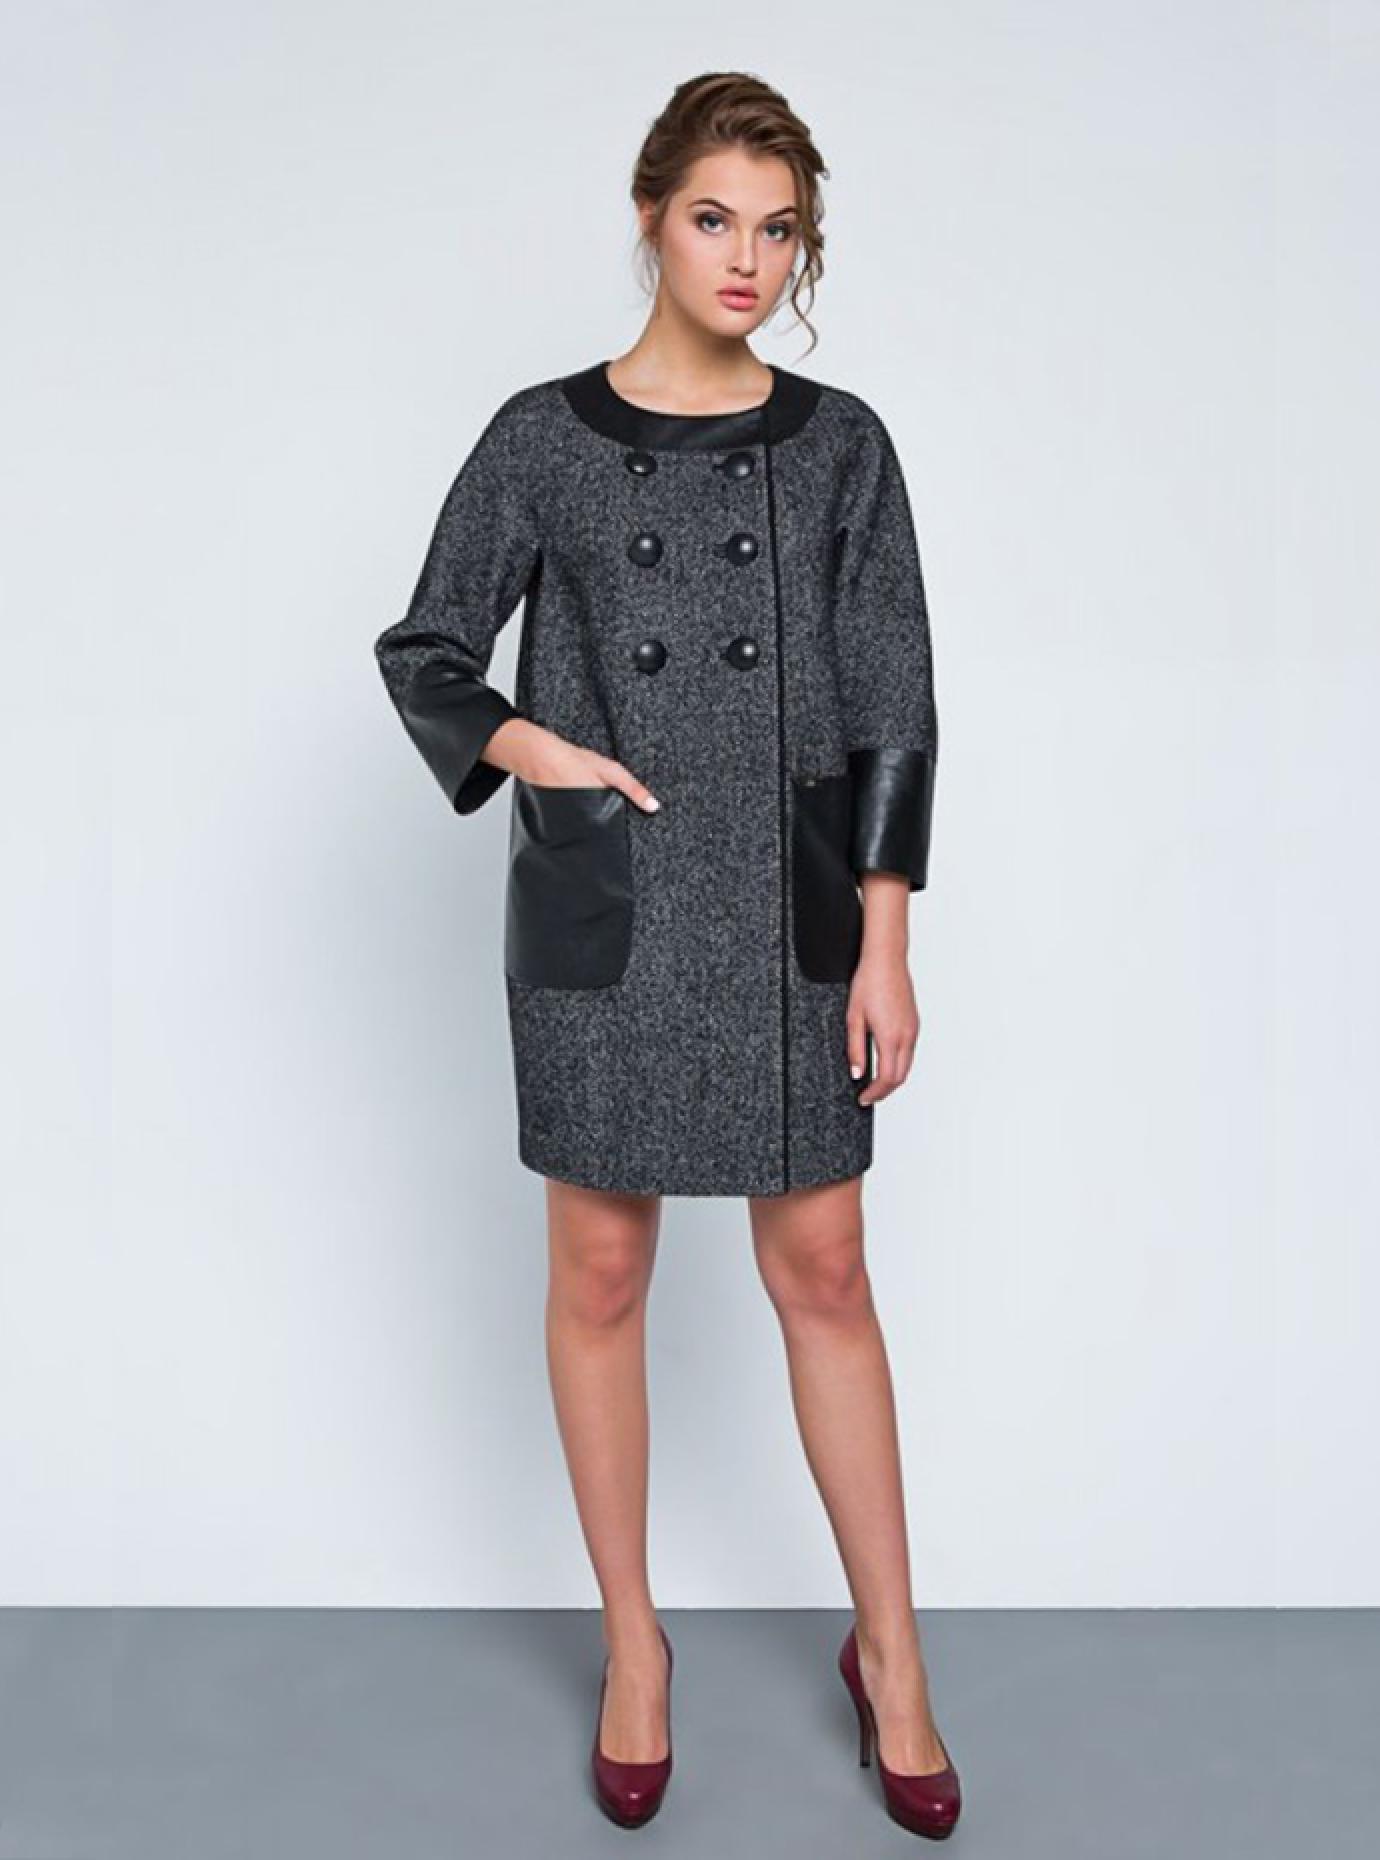 Пальто женское демисезонное декорированное эко-кожей Серый 42 (07-P17001): фото - Alster.ua